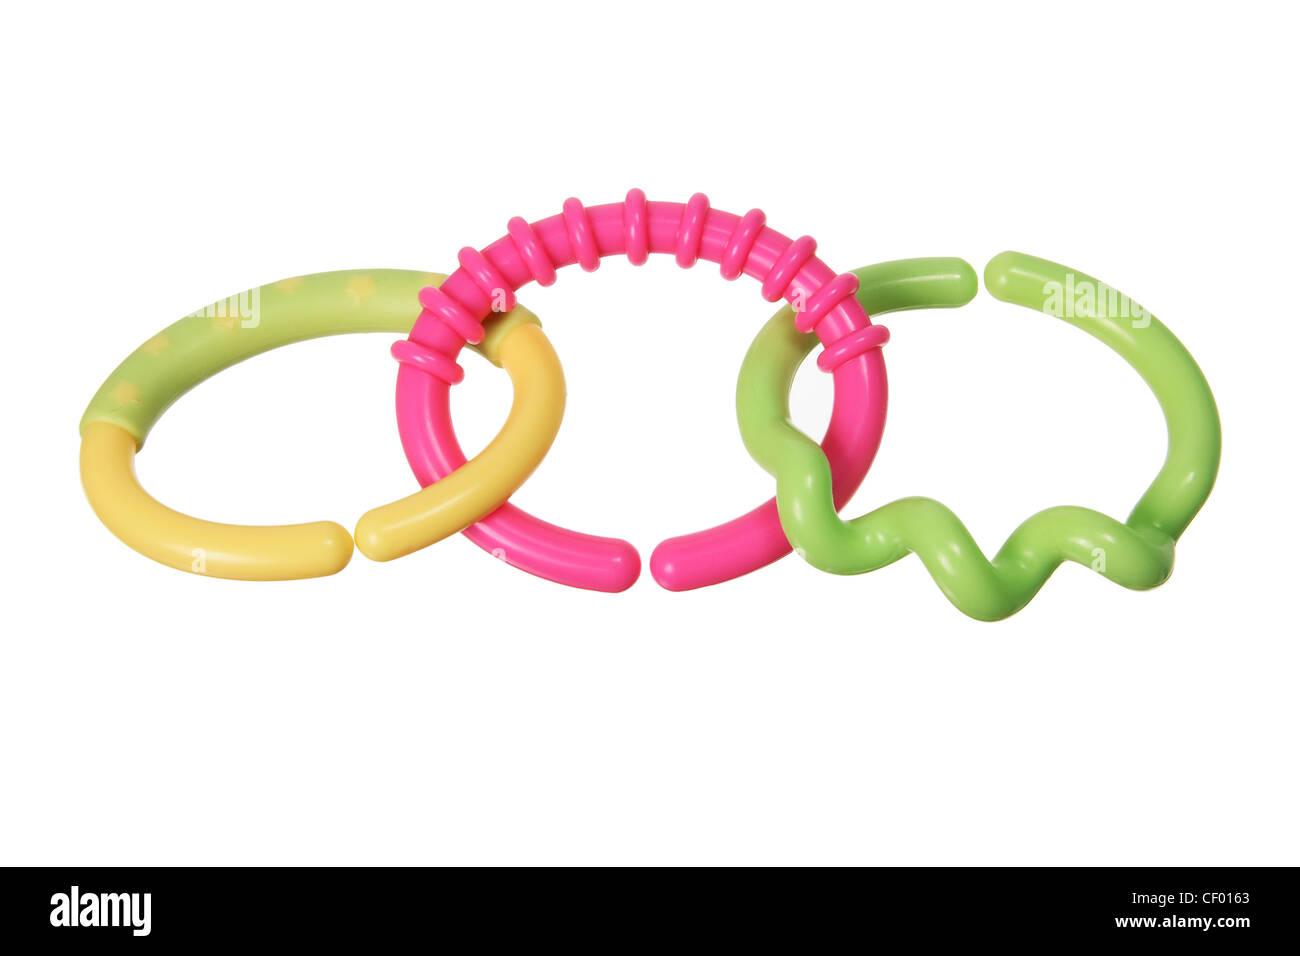 Teething Rings - Stock Image